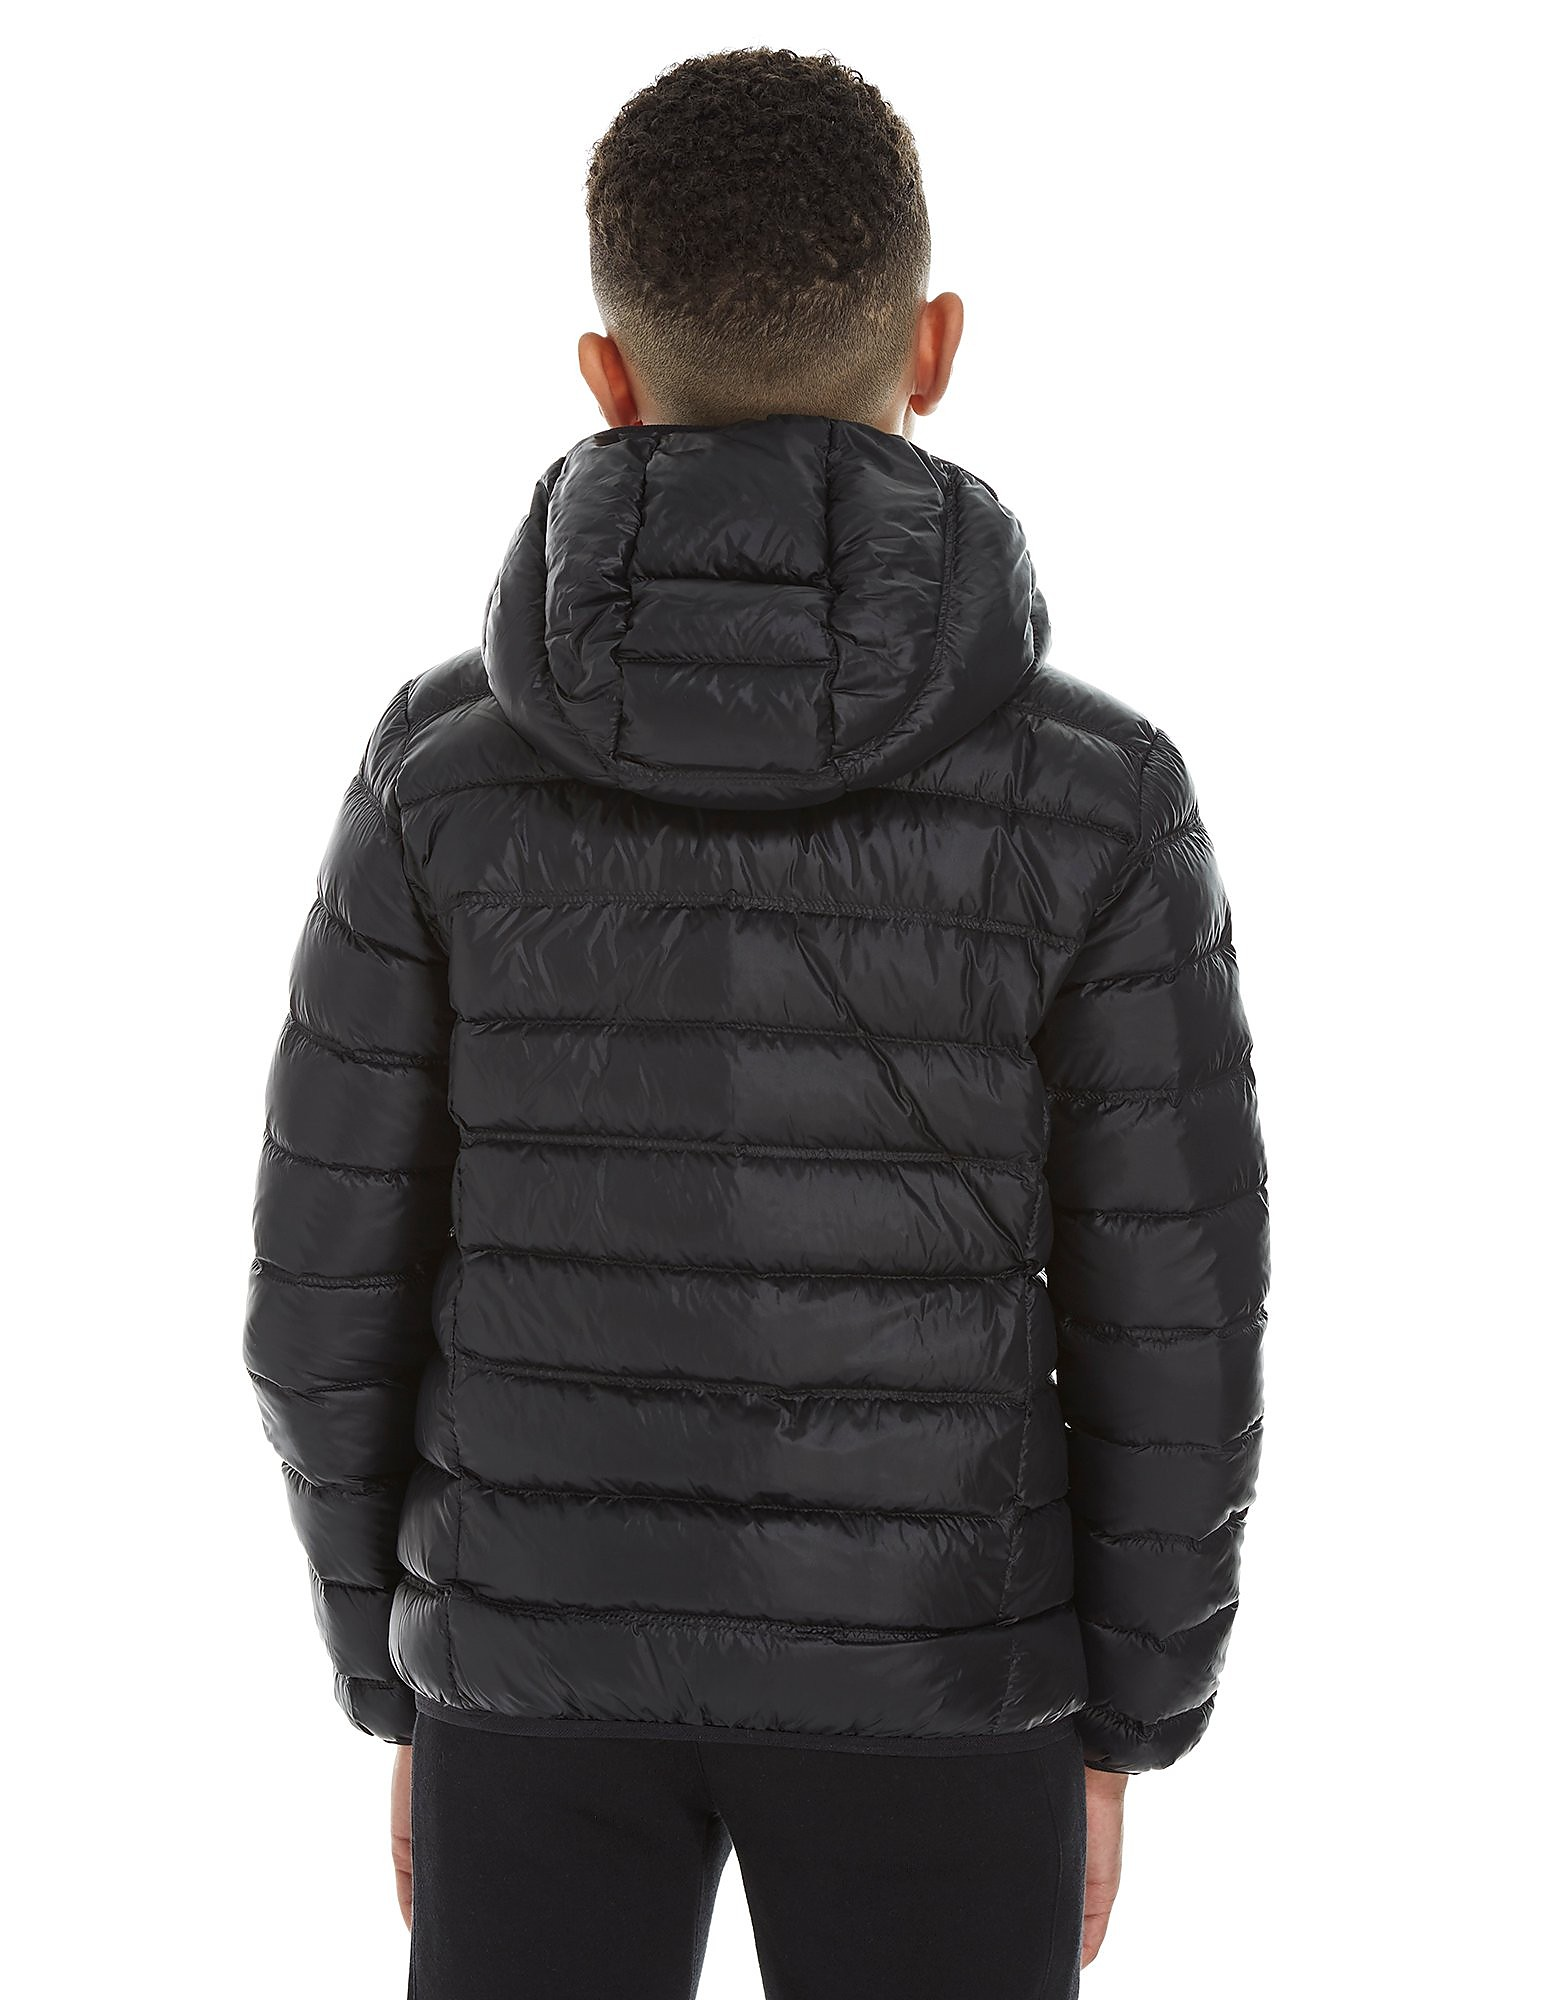 Emporio Armani EA7 Core Down Jacket